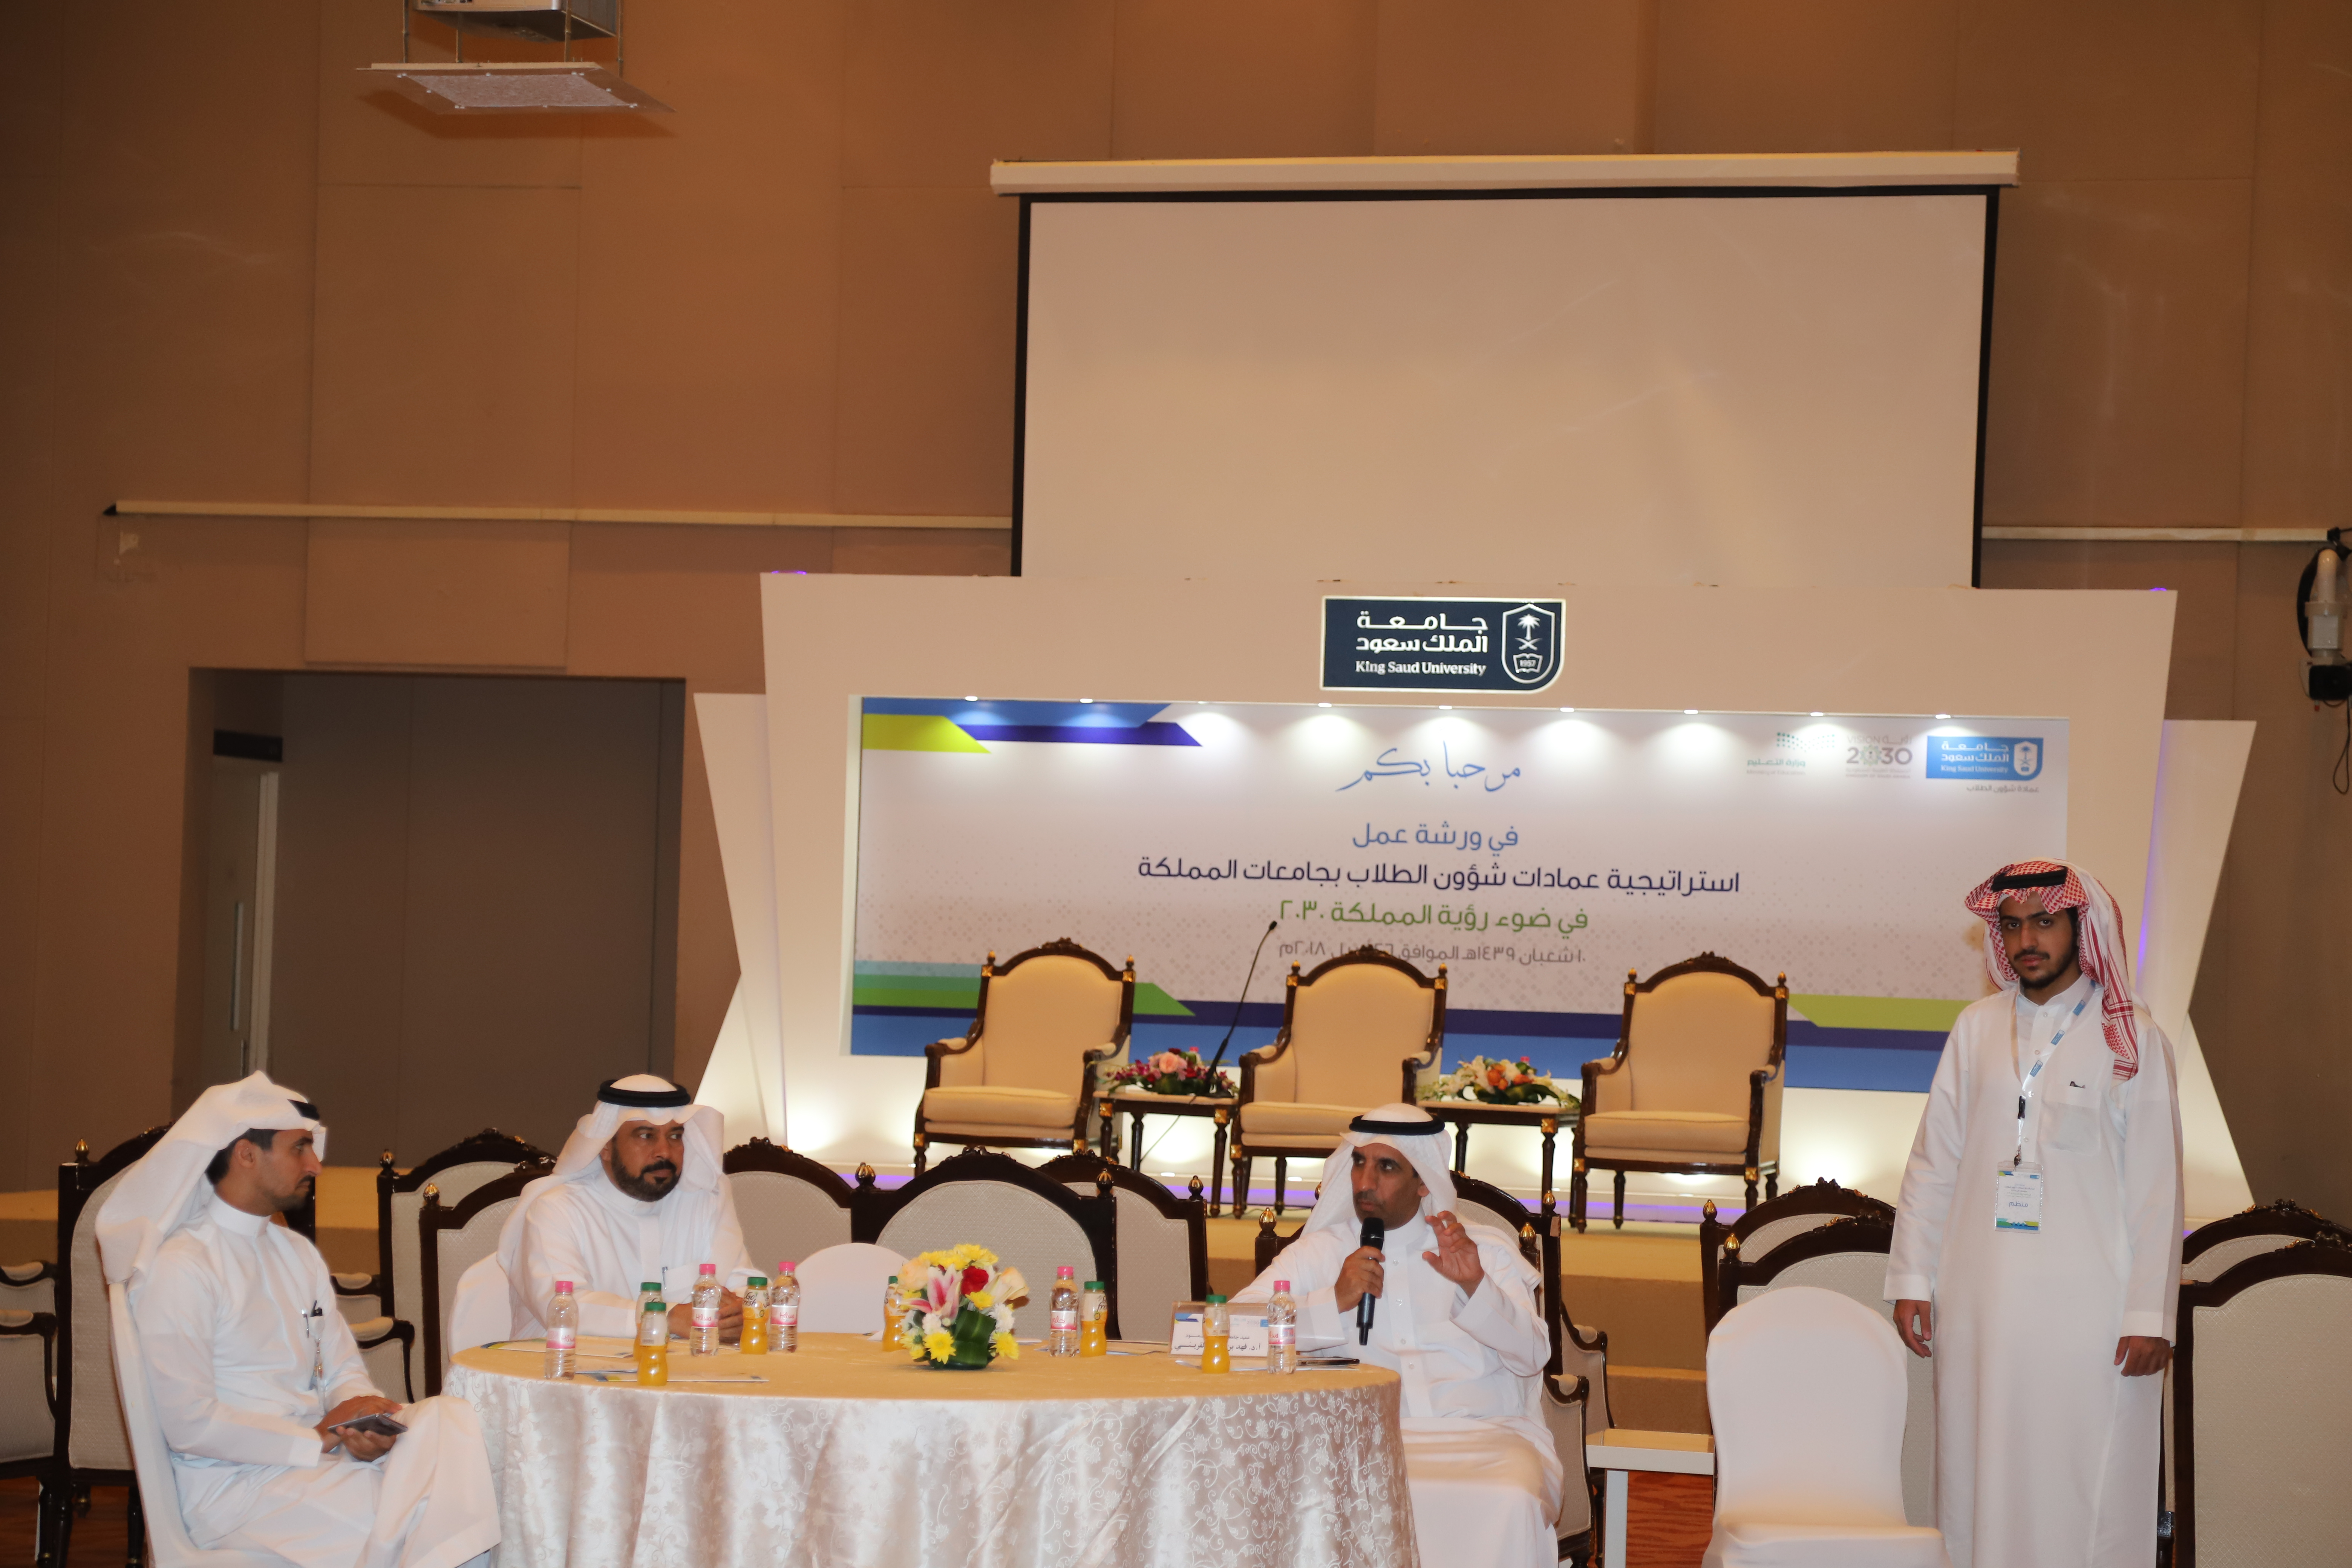 """العمادة تُنظم ورشة عمل بعنوان """"استراتيجية عمادات شؤون الطلاب بجامعات المملكة في ضوء رؤية المملكة 2030"""""""